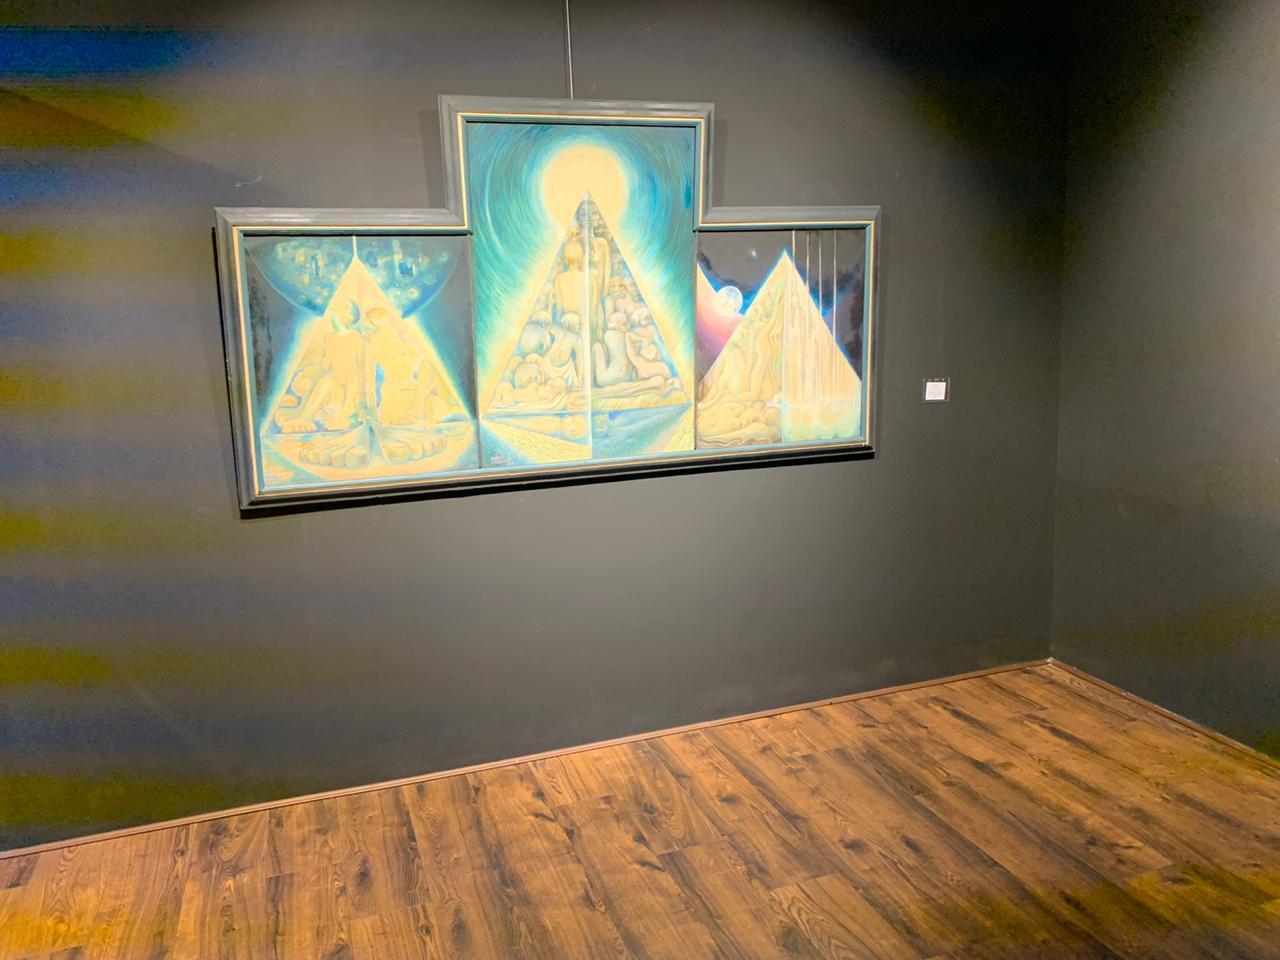 لوحة من  لوحات معرض حول الذات والروح (3)